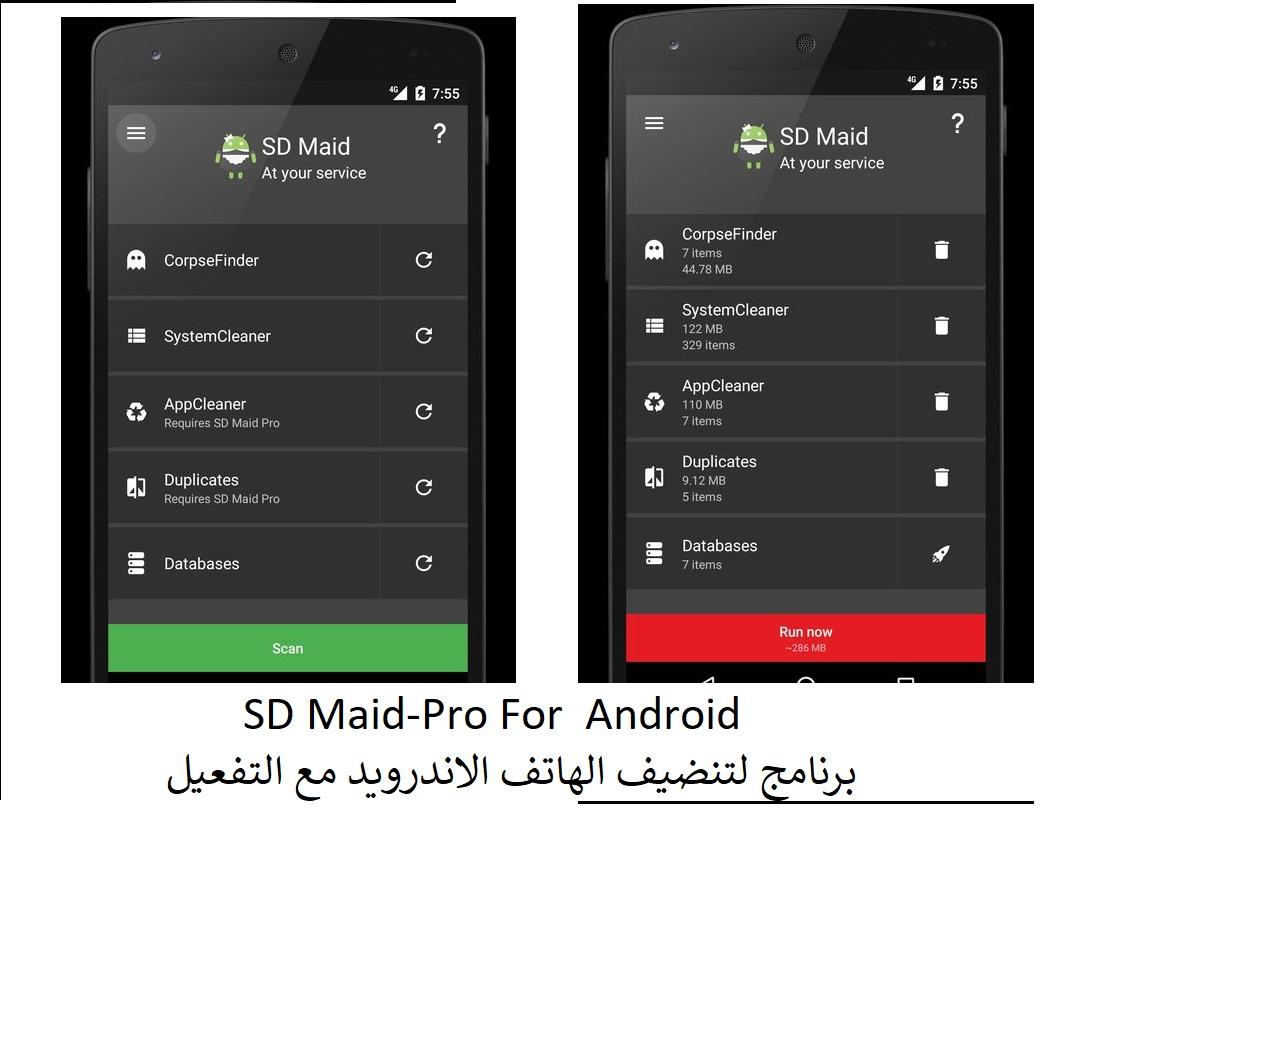 برنامج لتنضيف الهاتف الاندرويد مع التفعيل SD Maid-Pro For Android